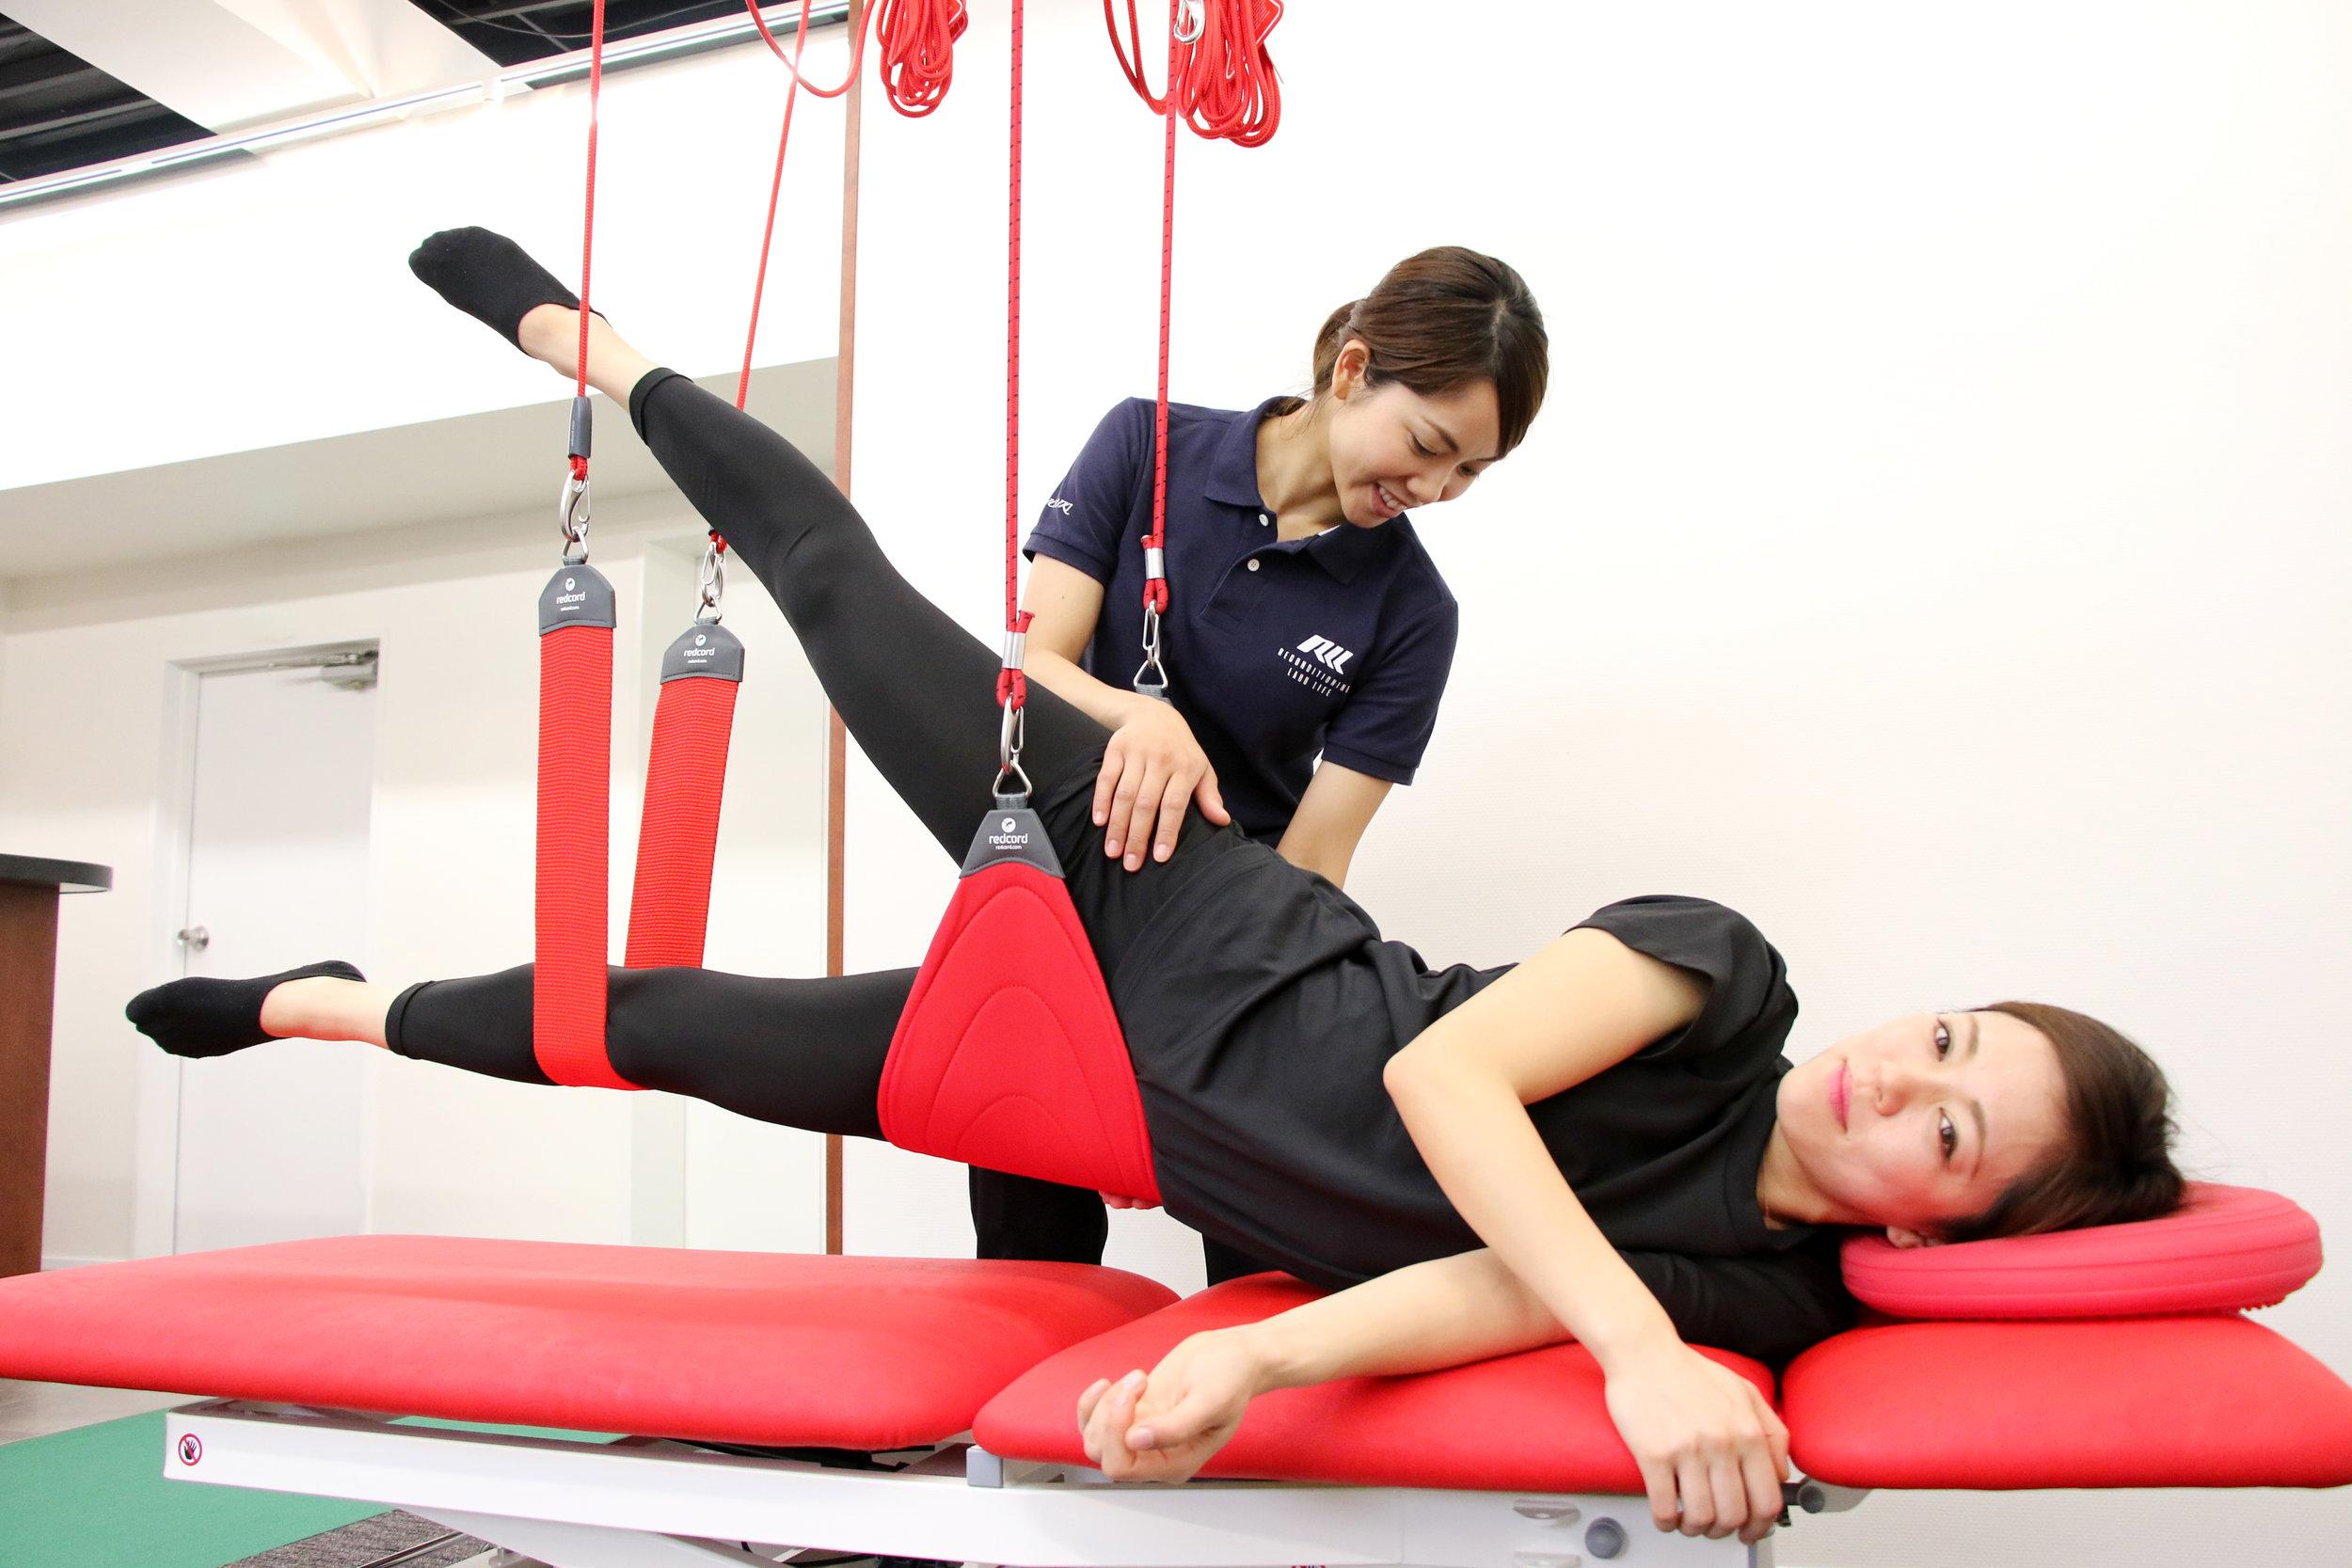 ボディメイク - redcord®でのエクササイズと、気になる部位の筋肉の緊張を緩和させることで、若々しく美しい姿を維持できるようになります。姿勢や歩き方の癖は、経過をチェックしながらより美しい姿へと修正を進めていきます。